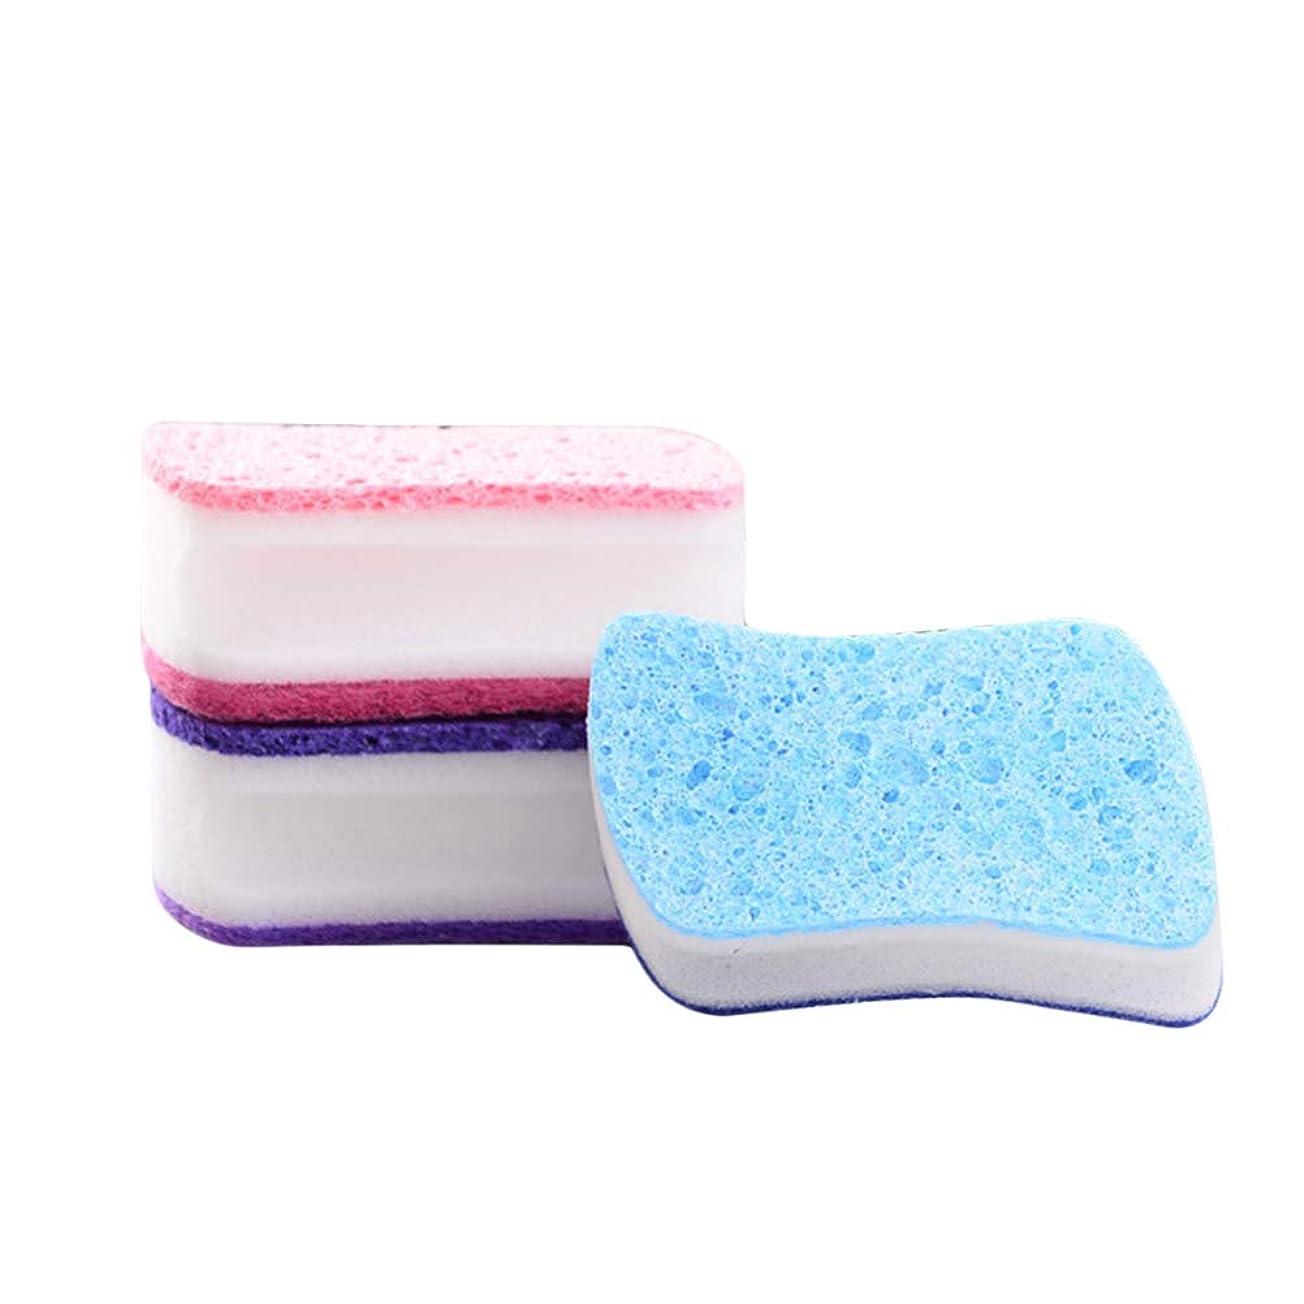 散るホステル回復TOPBATHY キッチン食器洗いスポンジスクラビングクリーニングパッド用キッチンバスルームカー3本(混合色)